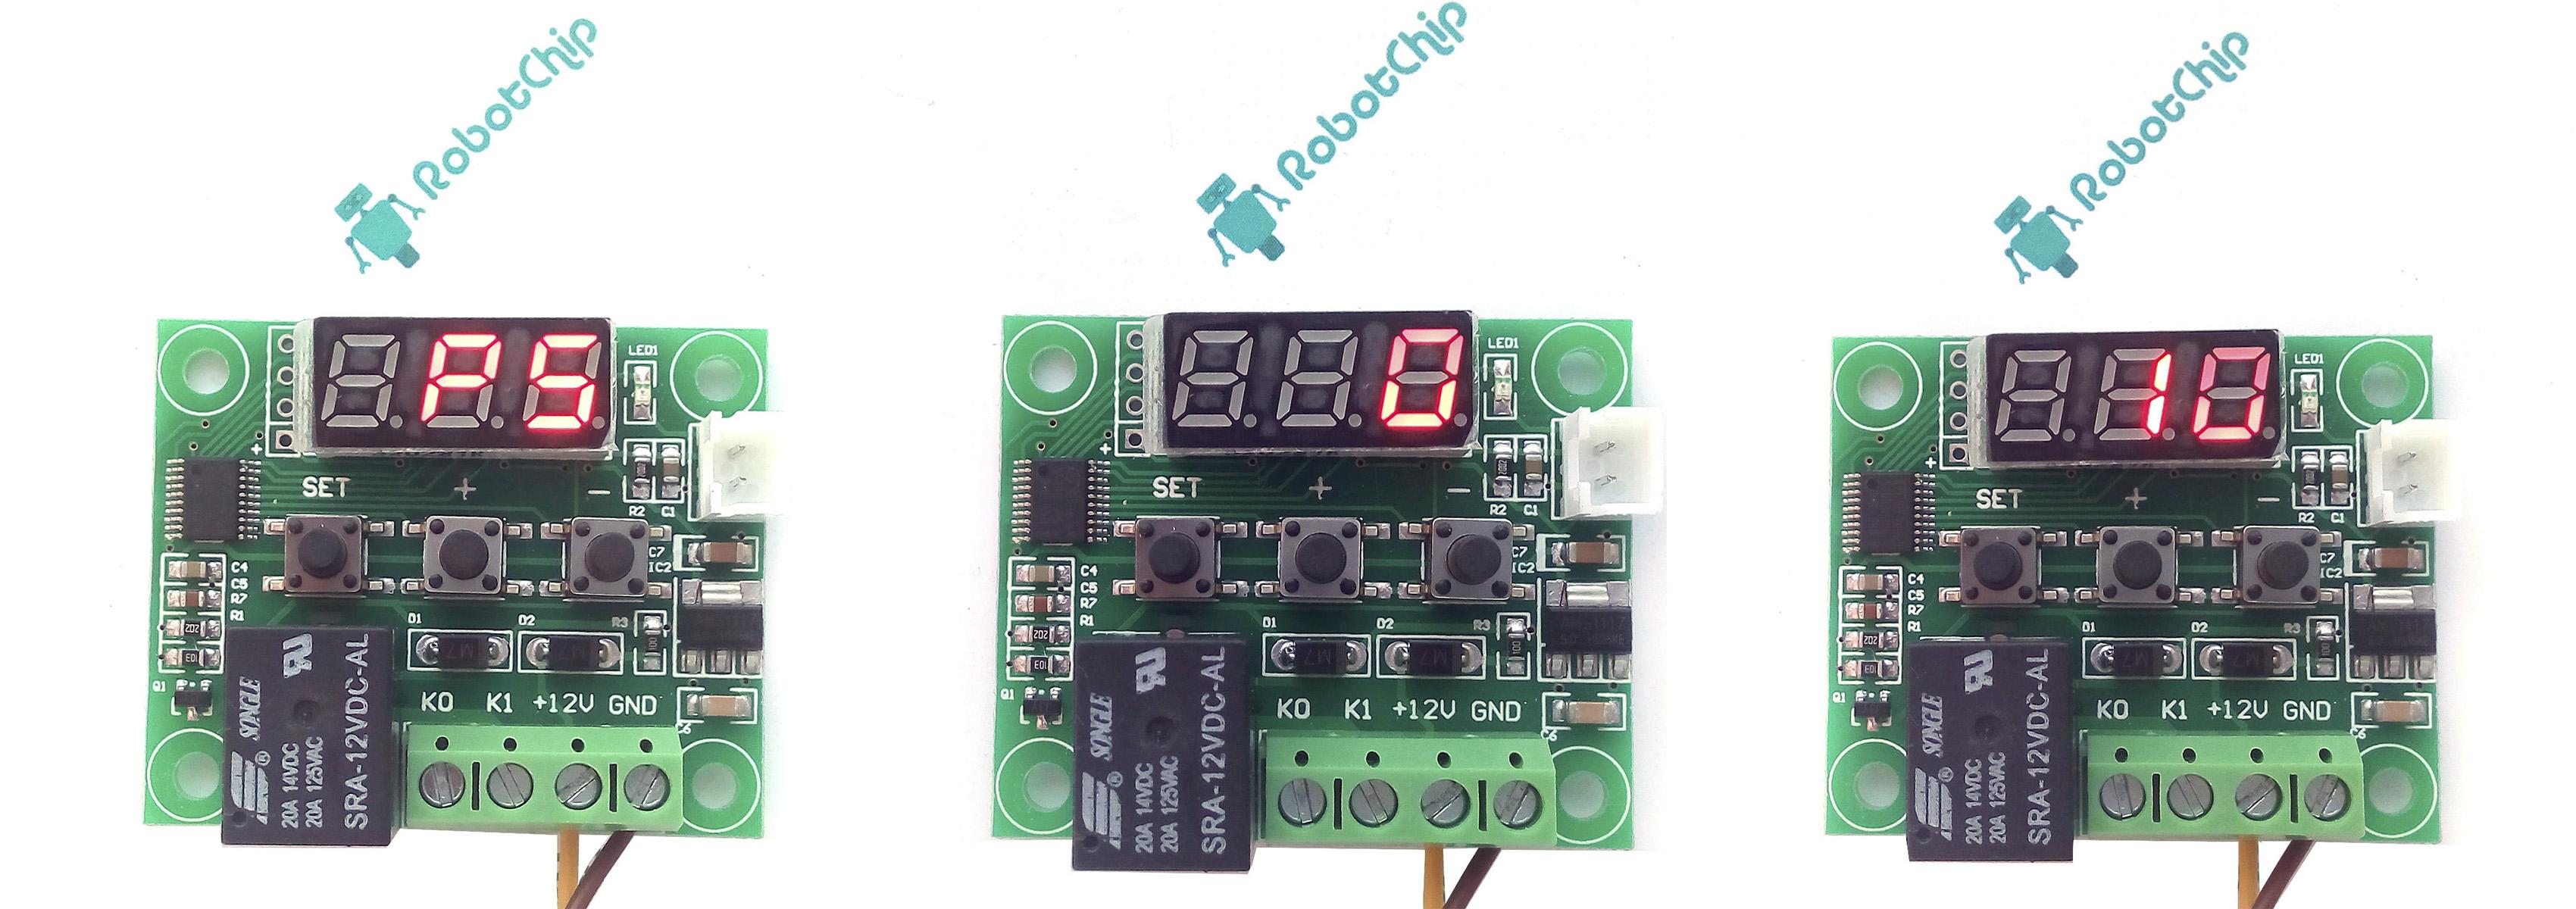 Терморегулятор XH-W1209 - настройка меню P5